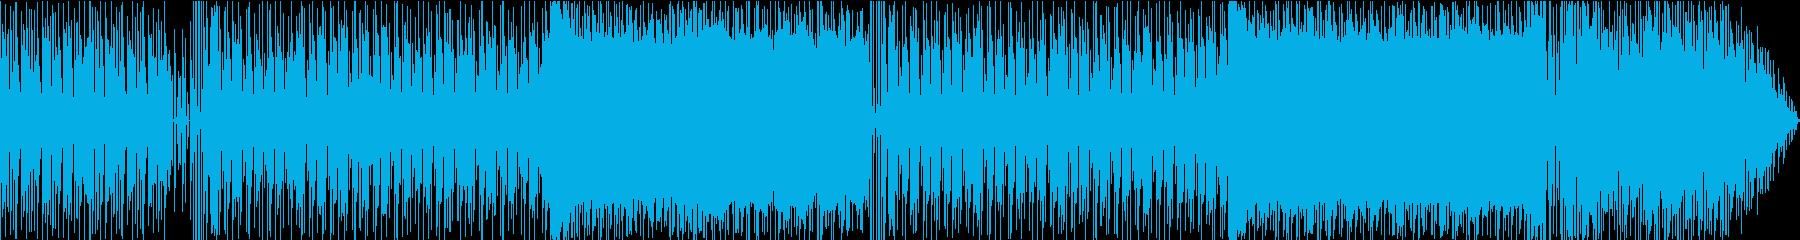 重厚ファンキービートとドラマチックな展開の再生済みの波形